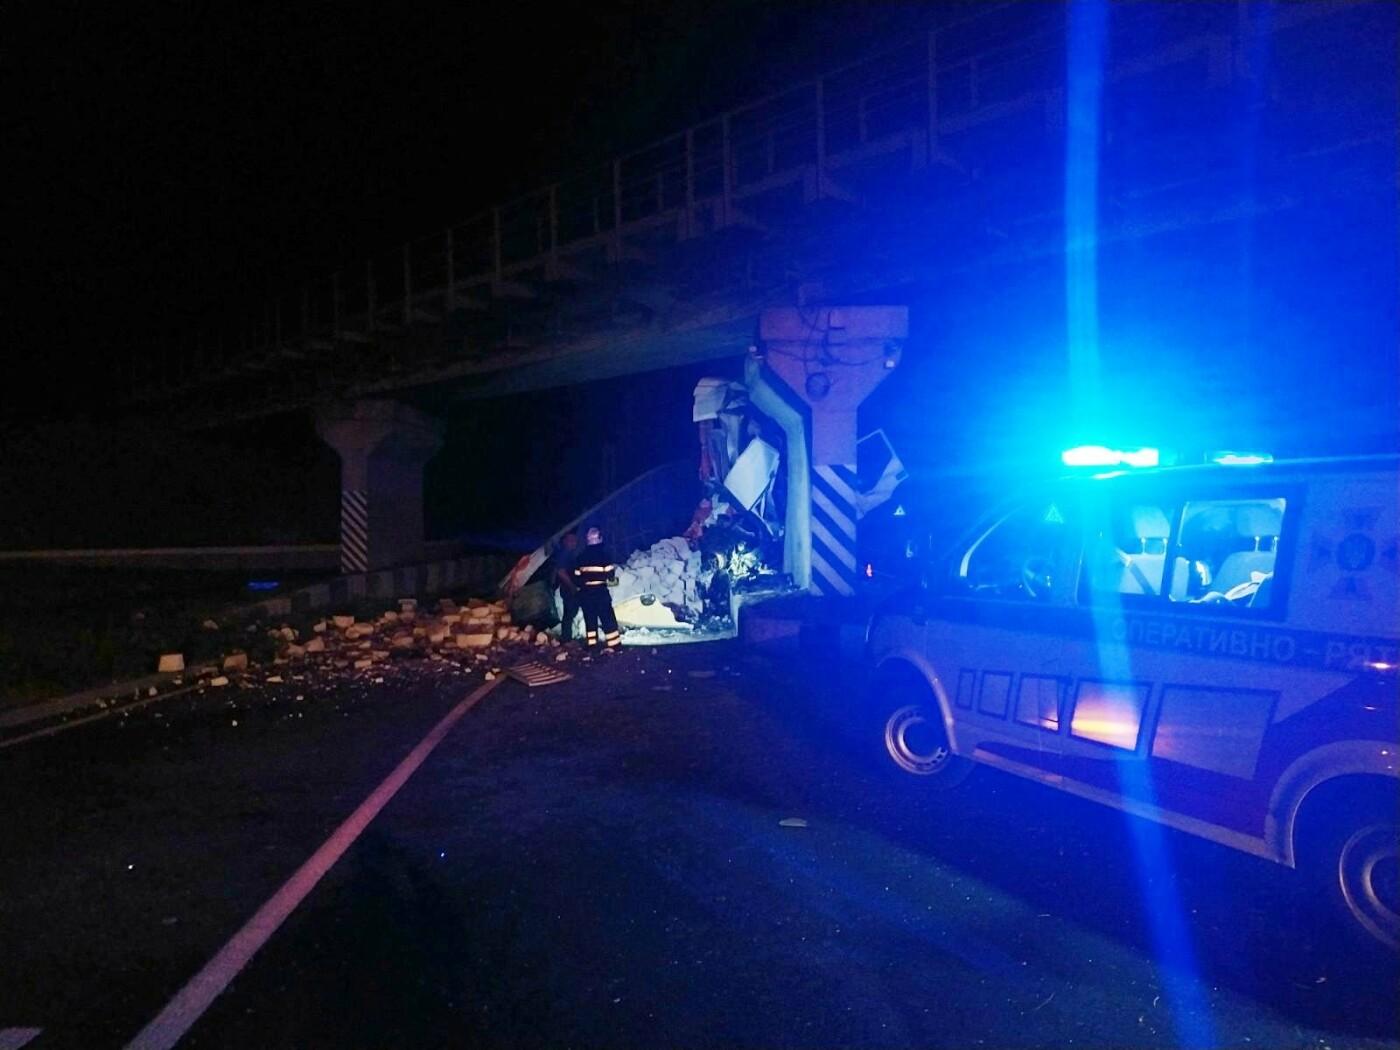 Неподалік Лисогірки вантажівка врізалась в бетонну опору моста , фото-3, Фото: пресслужба порятунку 101 Кам'янця-Подільського